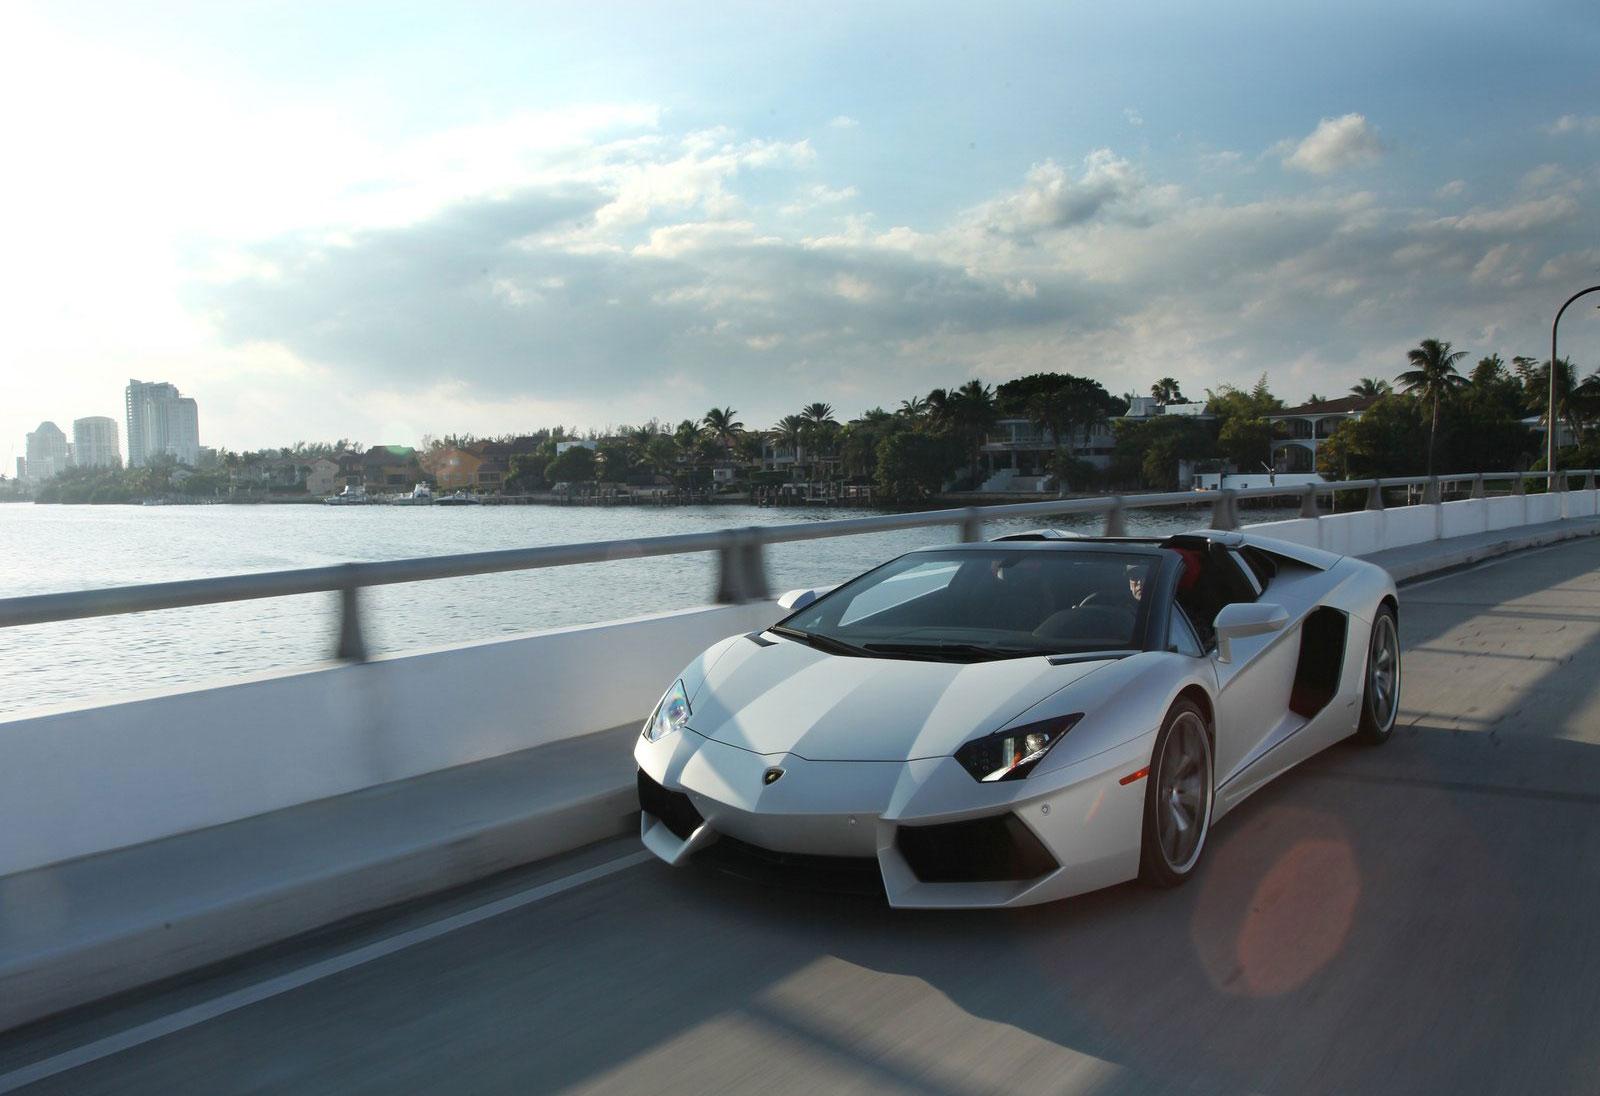 Gallery Lamborghini Aventador Lp700 4 Roadster Image 157663